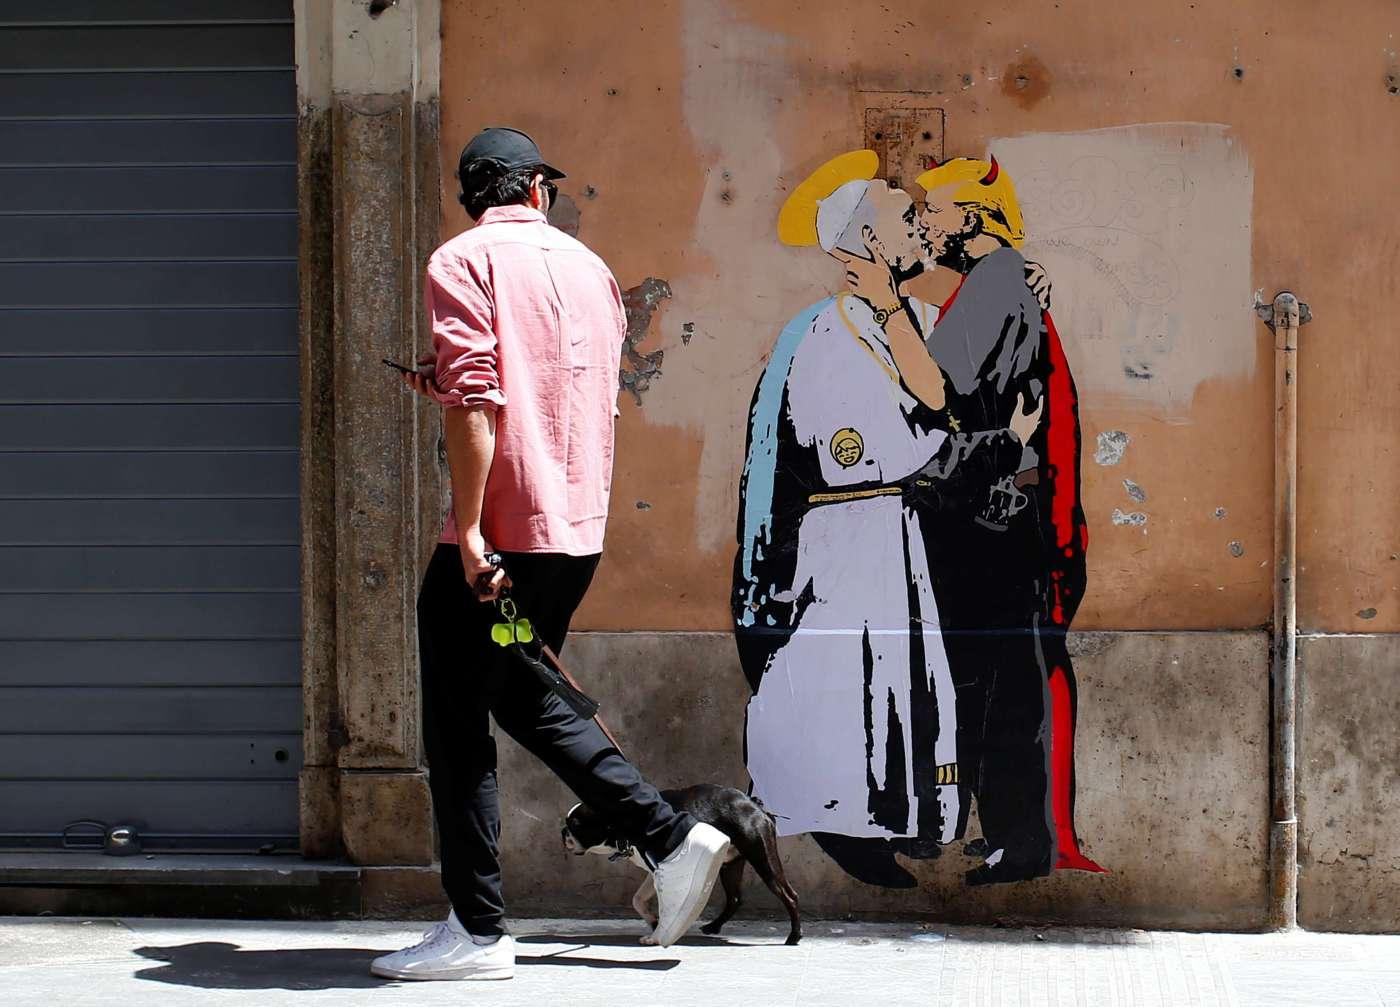 """El mural fue pegado a la pared en una calle llamada """"Vía del Banco del Espíritu Santo"""". (Reuters)"""